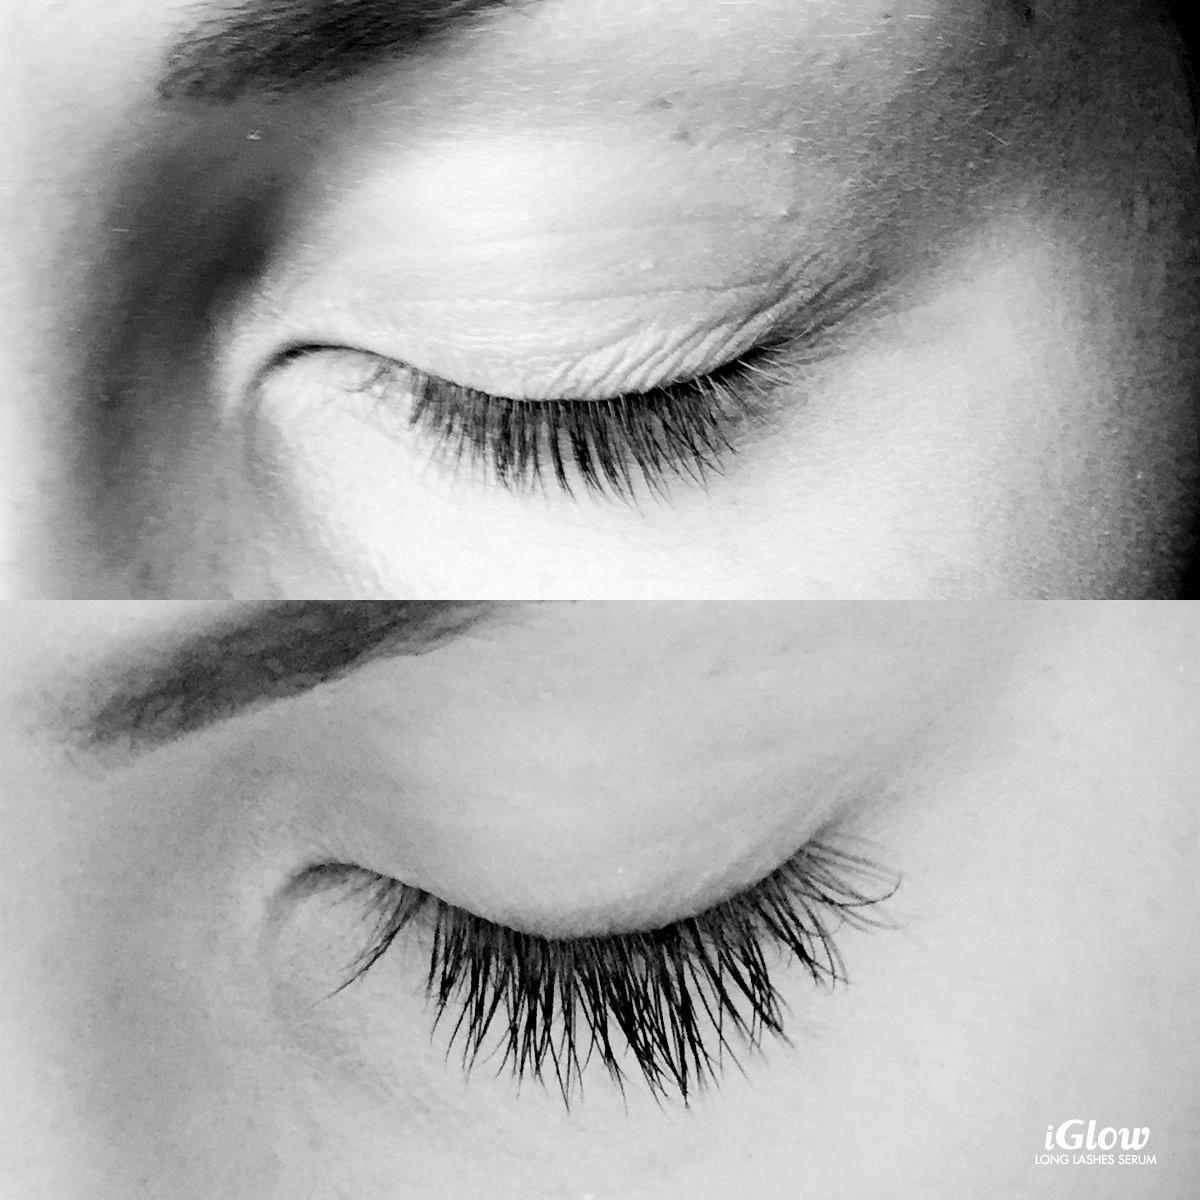 dfcf6addd08 iGlow.no Long Lashes Serum | Beauty | Lashes, Long lashes, Serum